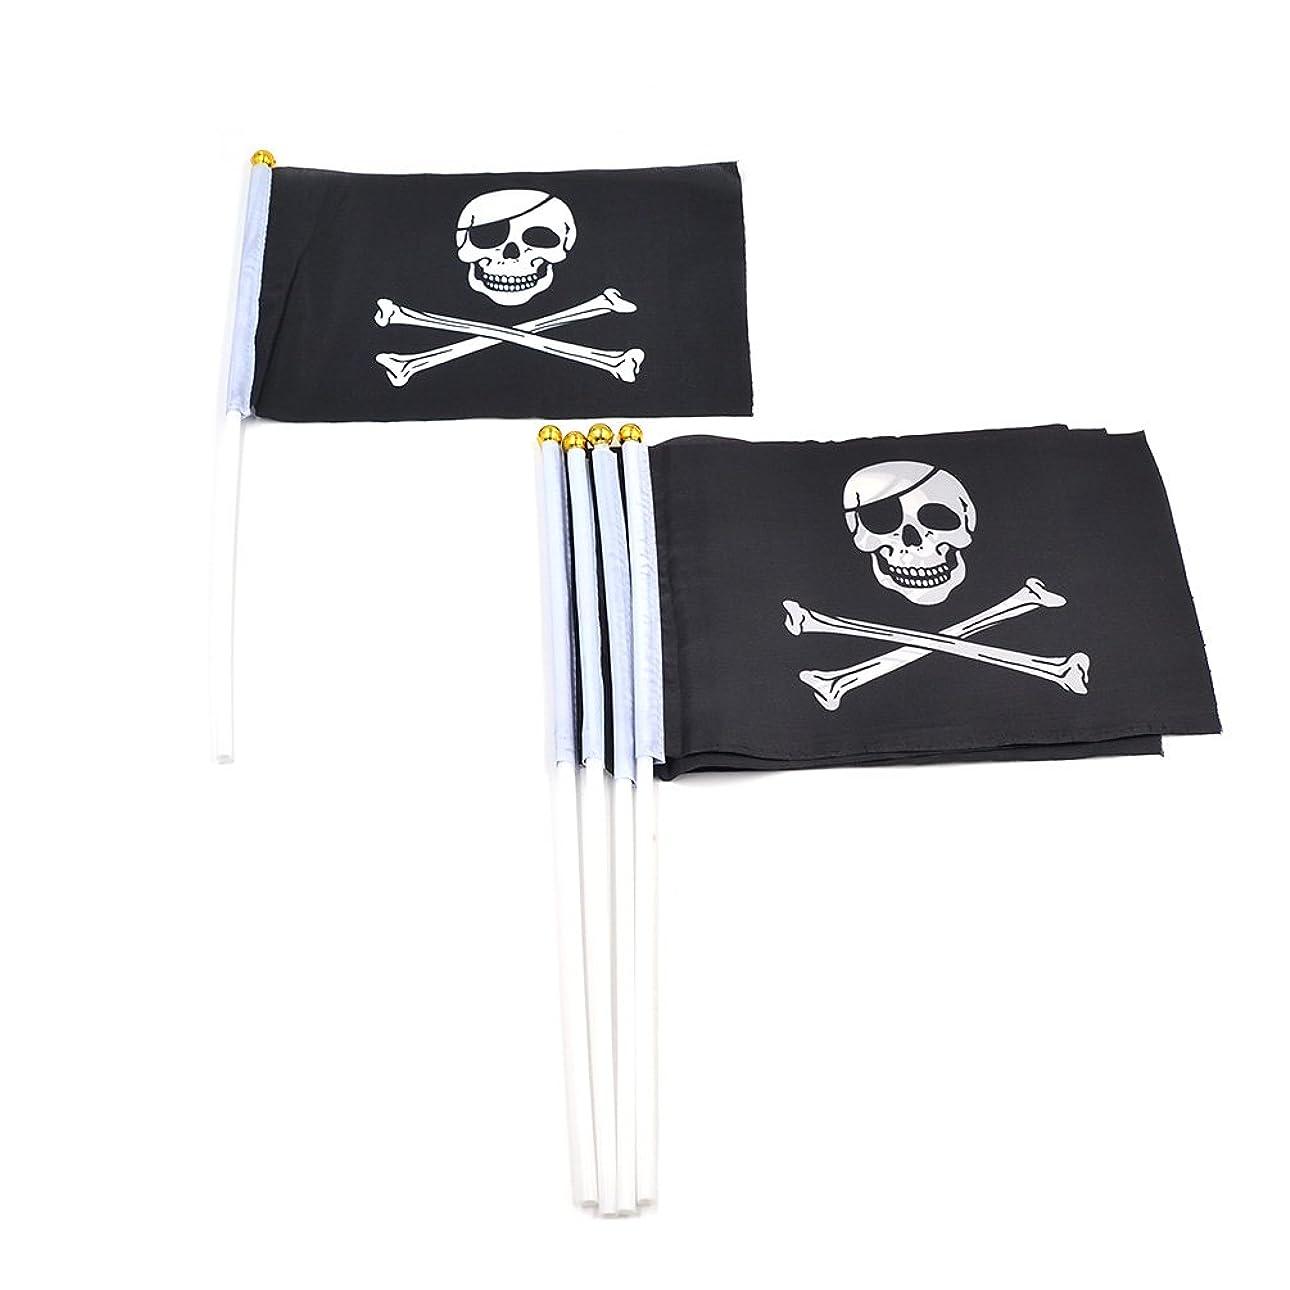 裏切り信号アジア人(ライチ) Lychee 5本セット 手旗 おもしろ 個性的 骸骨プリント入り ミニ 21*14cm 海賊 パイレーツ フラフ 海賊旗 手回し旗 パーティー コスプレ ハロウィン 遊び